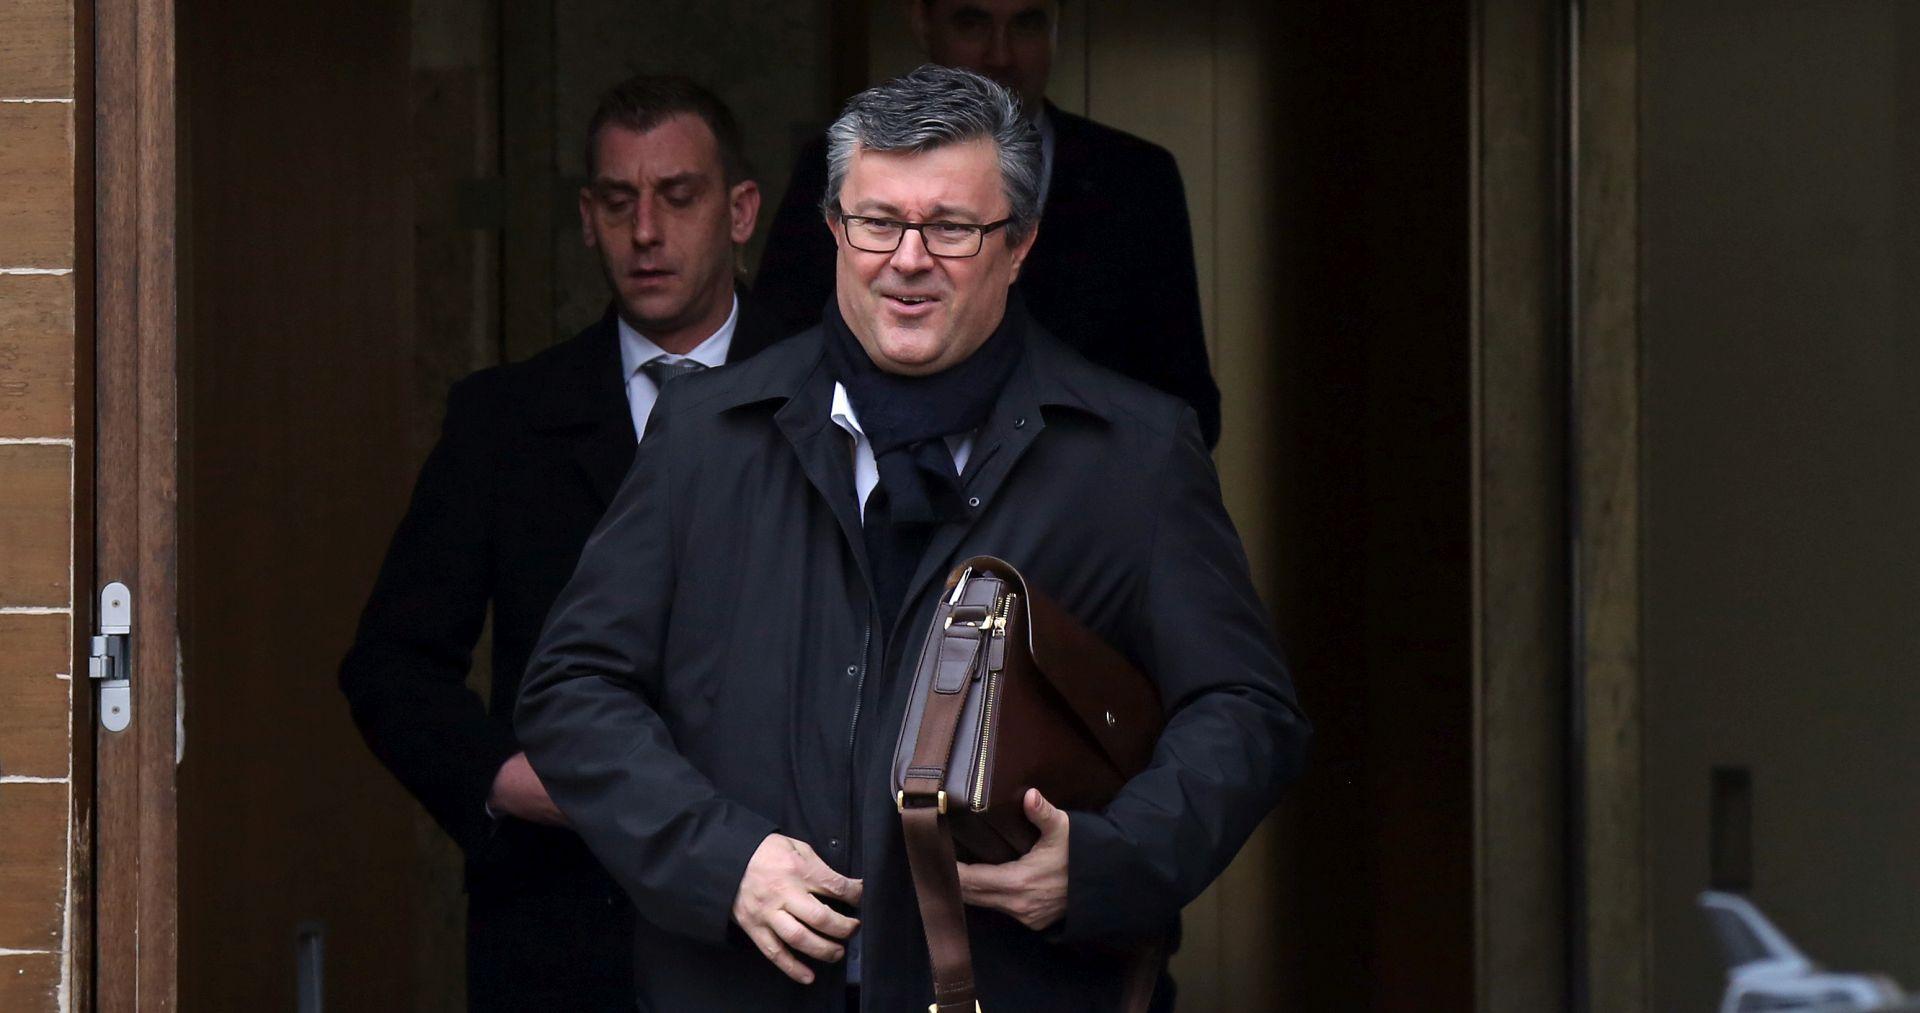 PRVI POTEZI NOVE VLADE Orešković: Drugi tjedan imamo sastanak s MMF-om